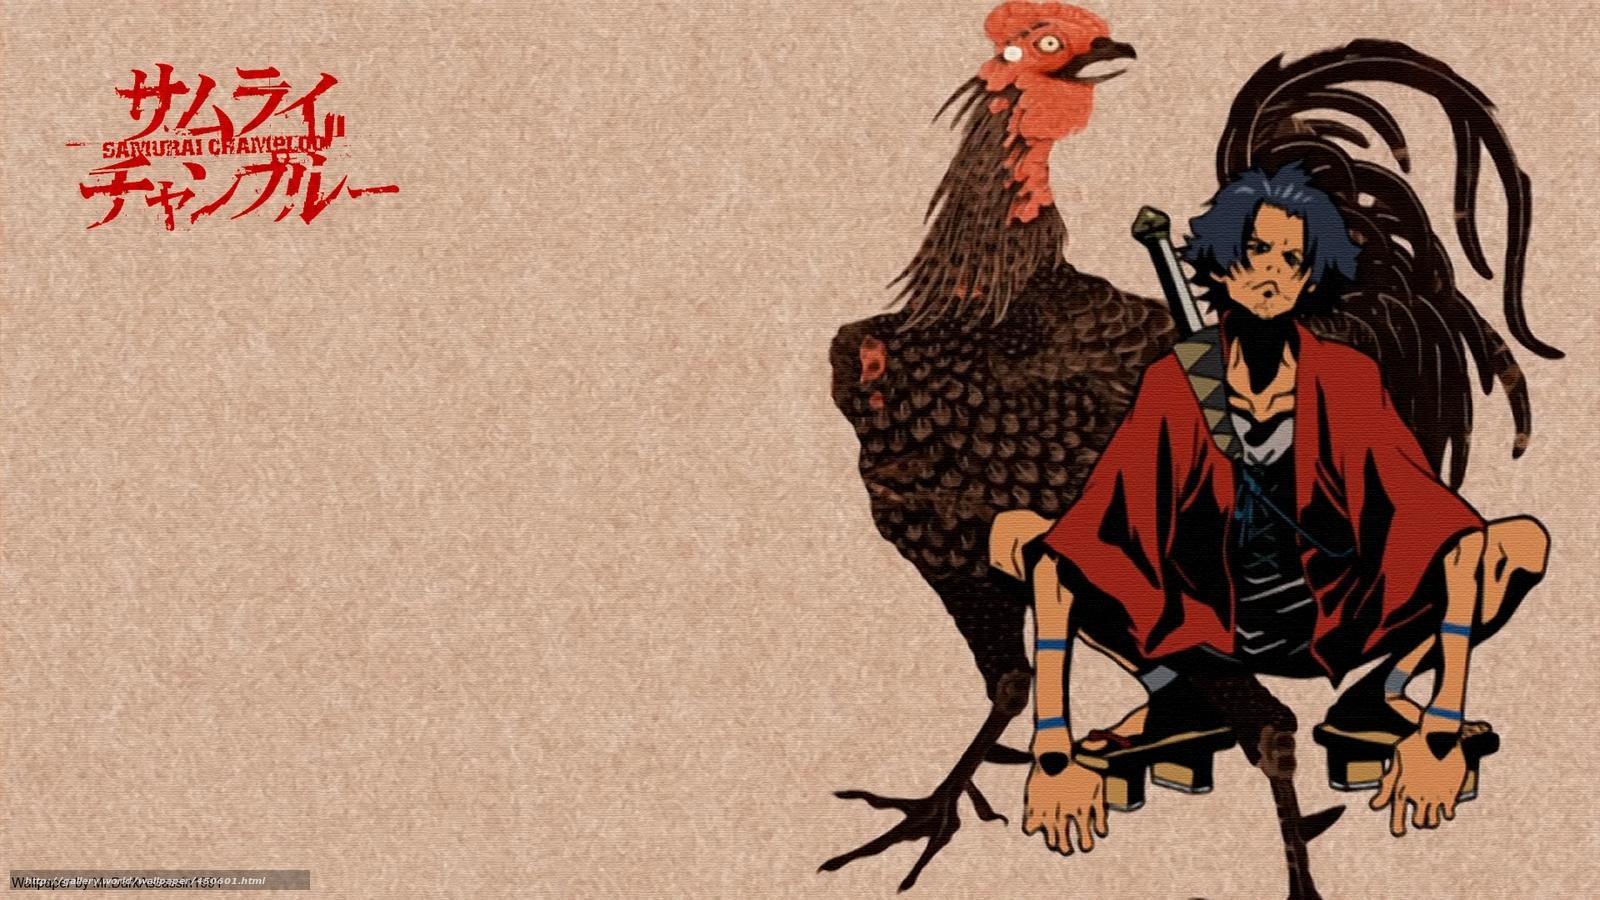 Samurai Champloo 1920X1080 Forever Alone Wallpaper